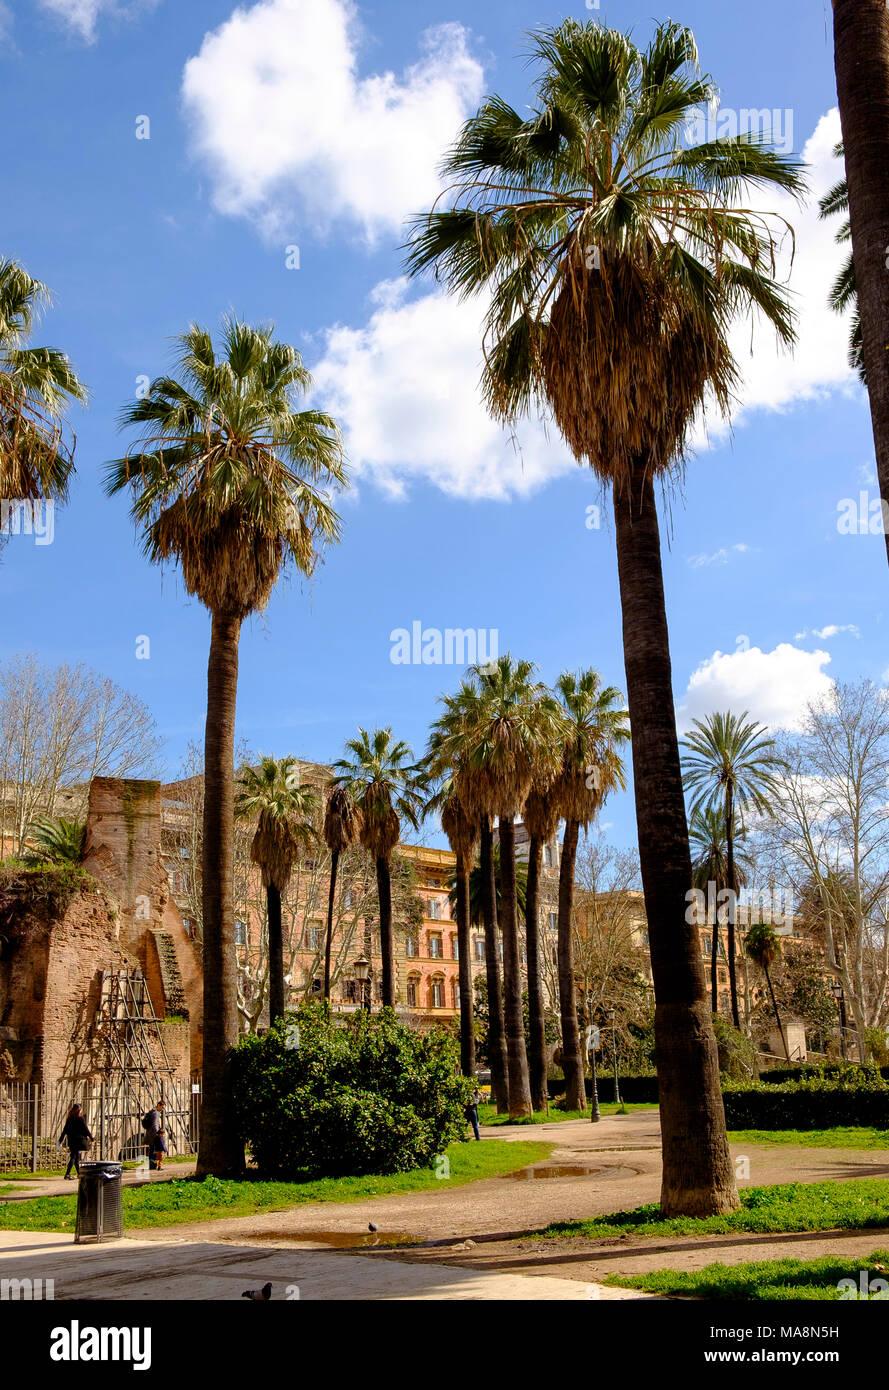 Giardini garden stock photos giardini garden stock for Garden giardini